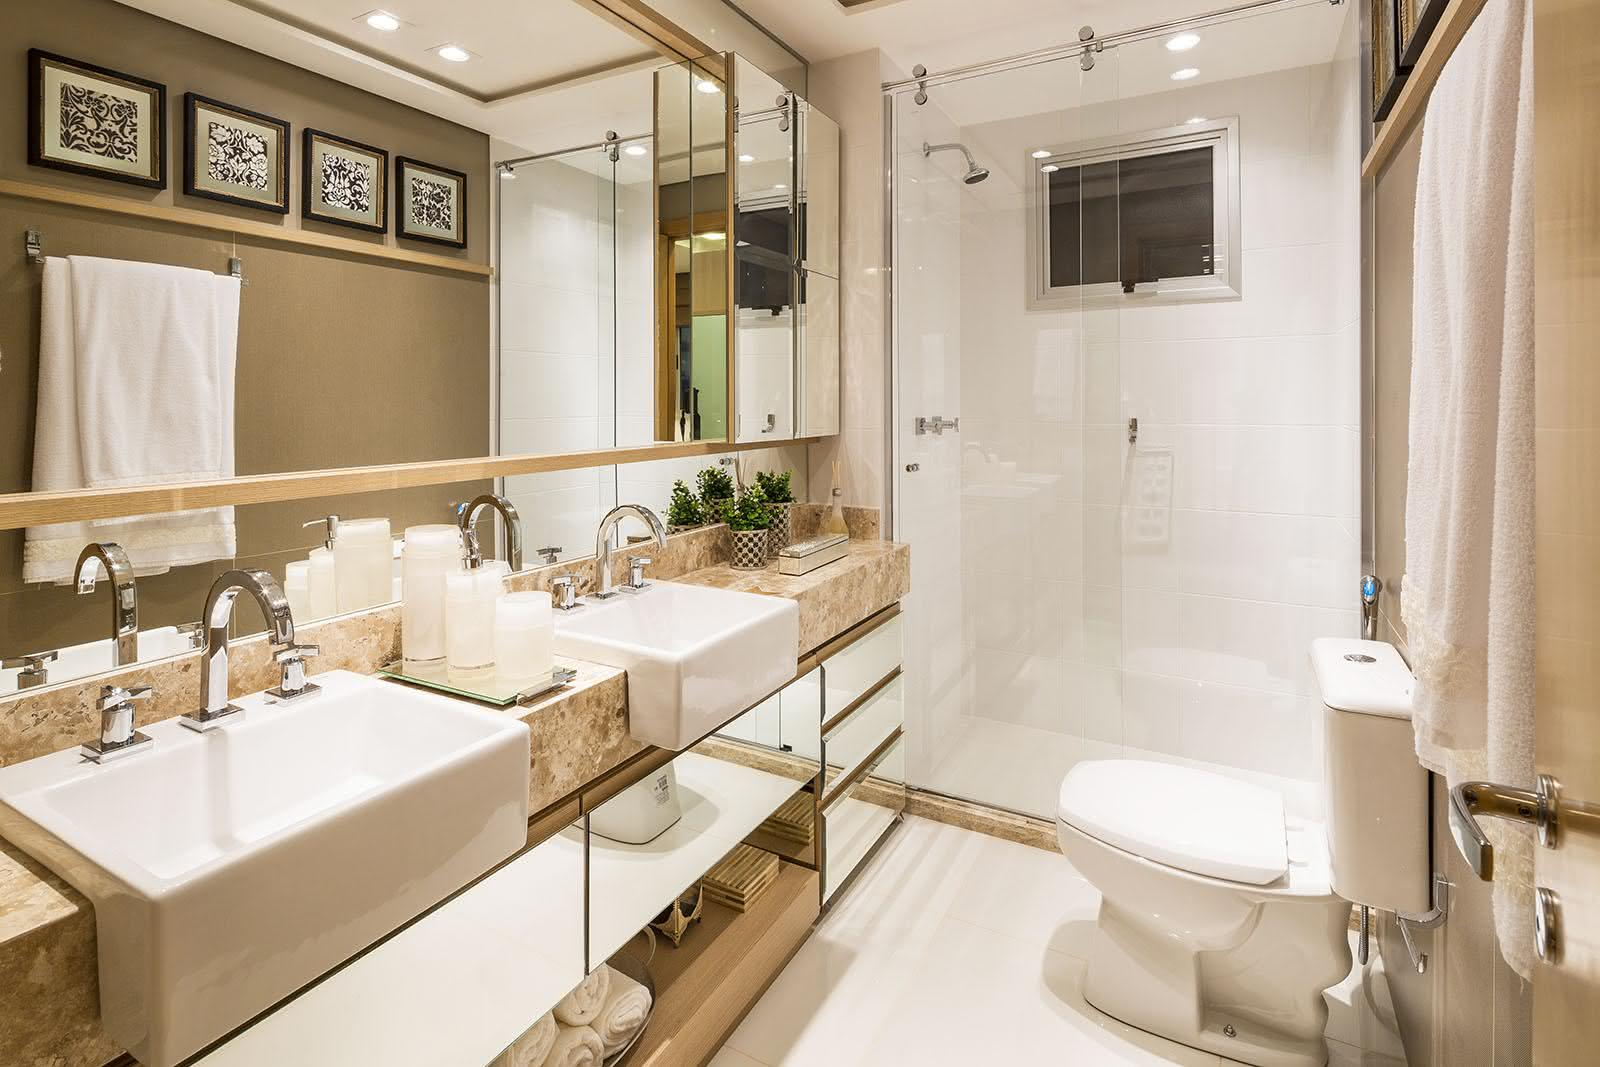 Imagem 21 – Bancada de banheiro com cores neutras #515924 1600x1067 Banheiro Com Bancada Branca